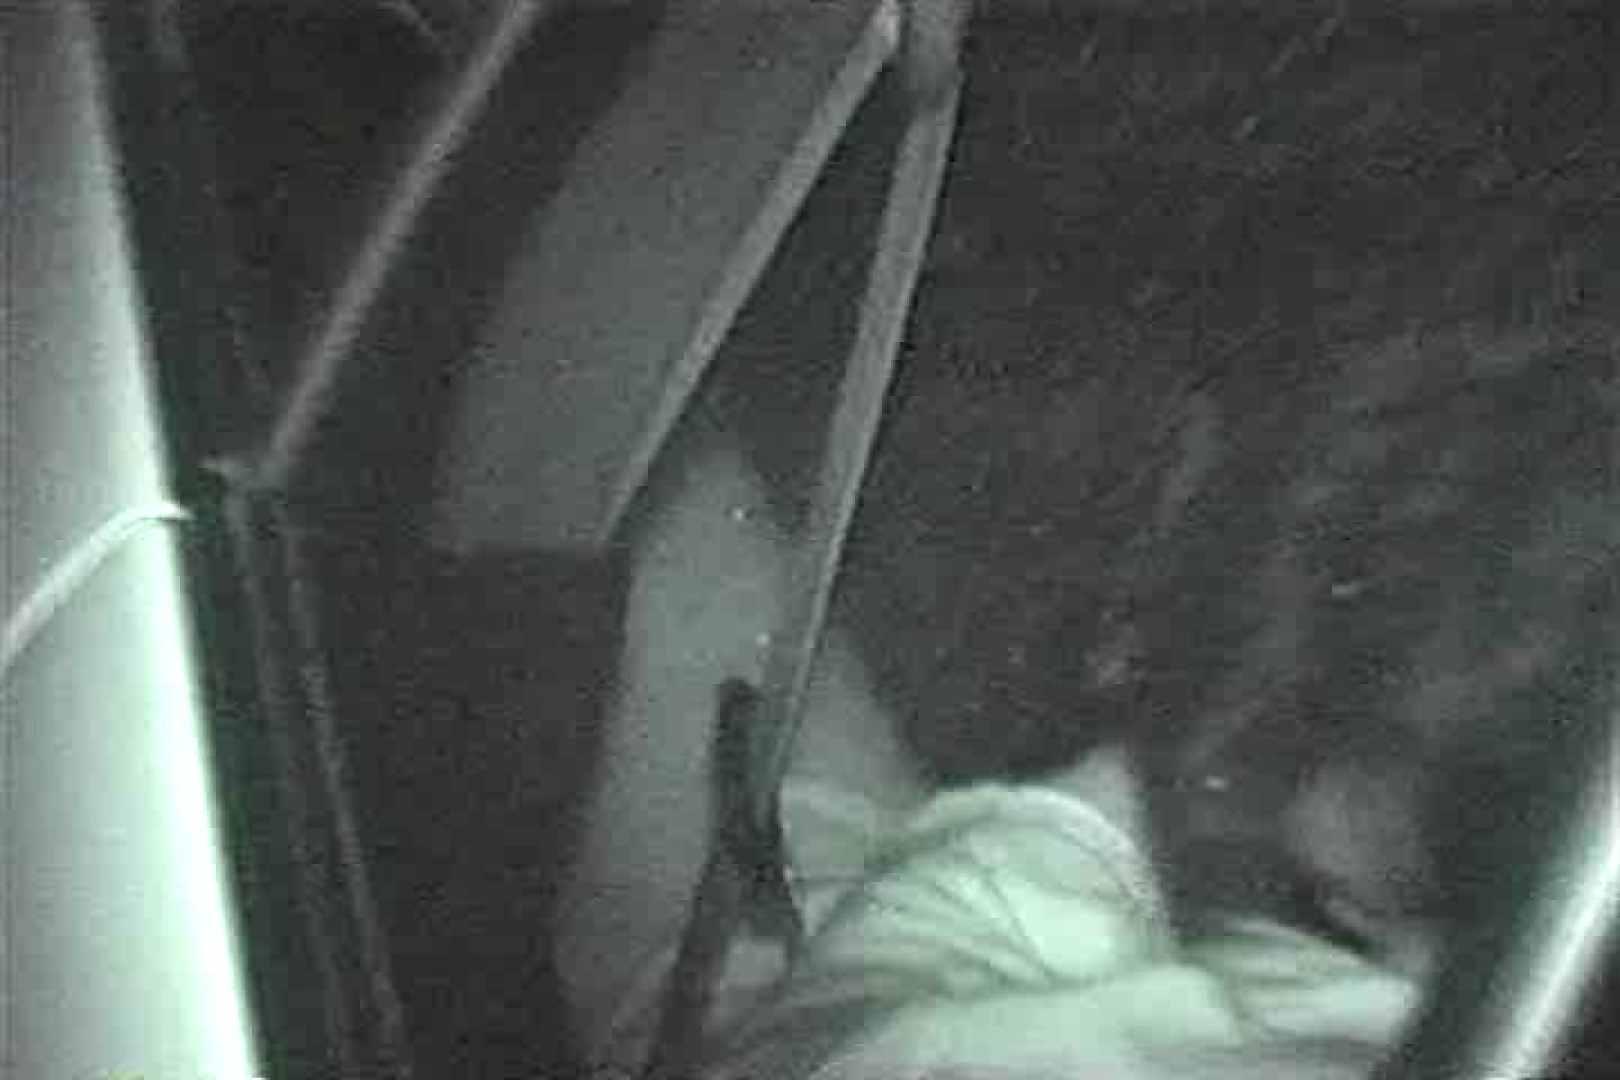 MASAさんの待ち伏せ撮り! 赤外線カーセックスVol.14 赤外線 | 車  107画像 28